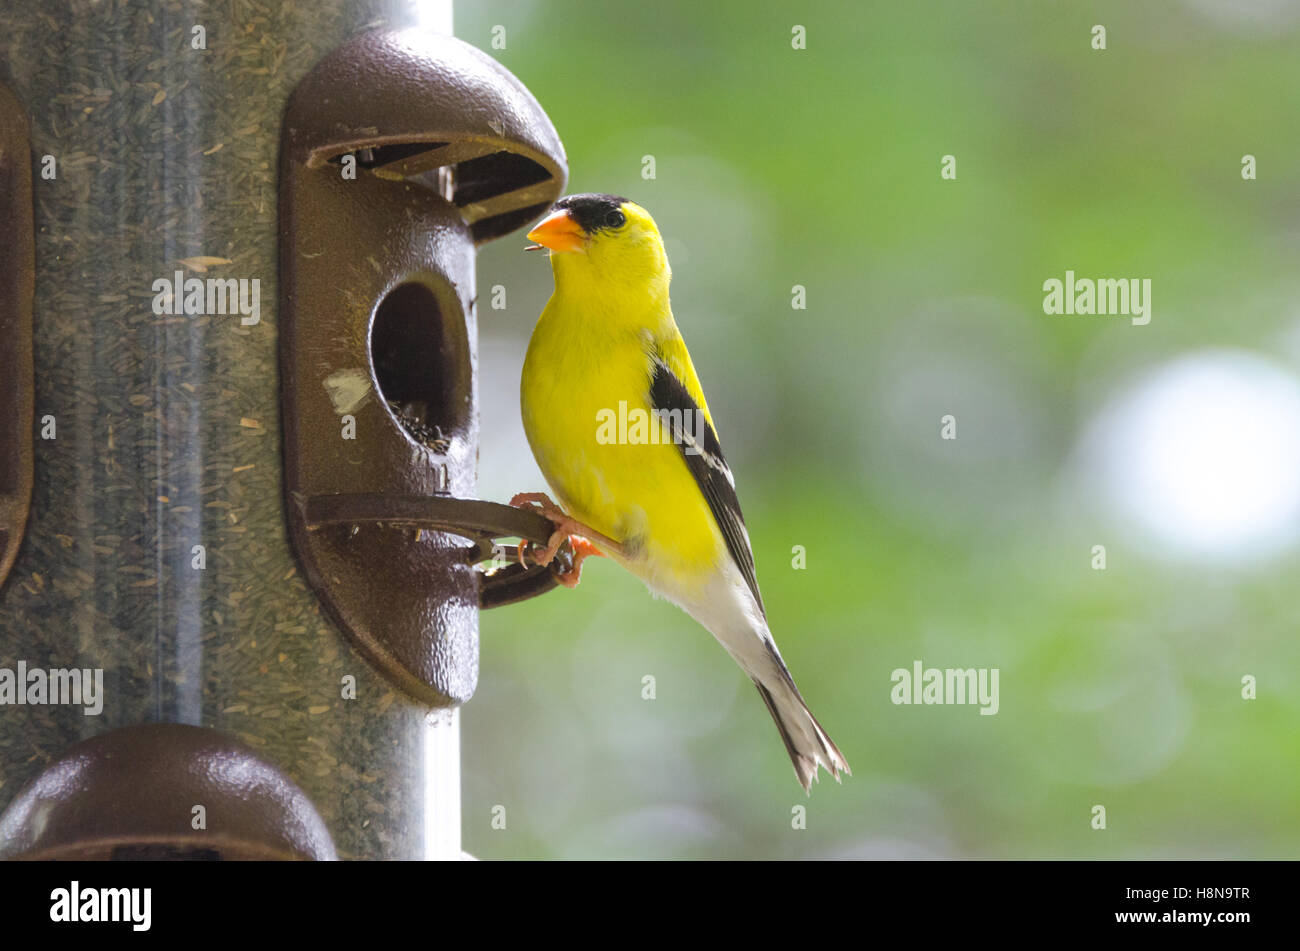 Piccolo Uccello Giallo Immagini Piccolo Uccello Giallo Fotos Stock